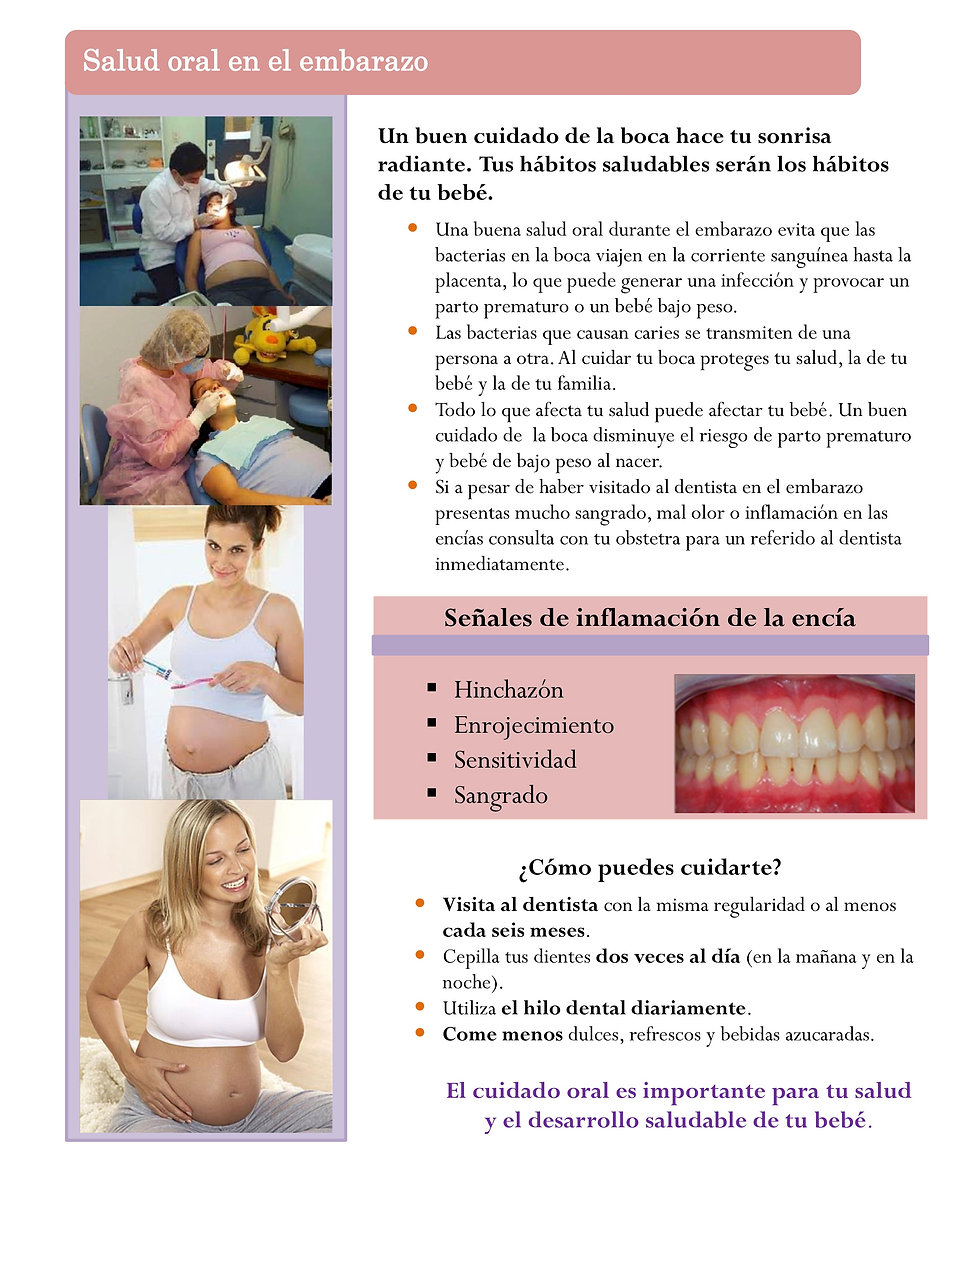 1. Salud oral en el embarazo 2018.jpg